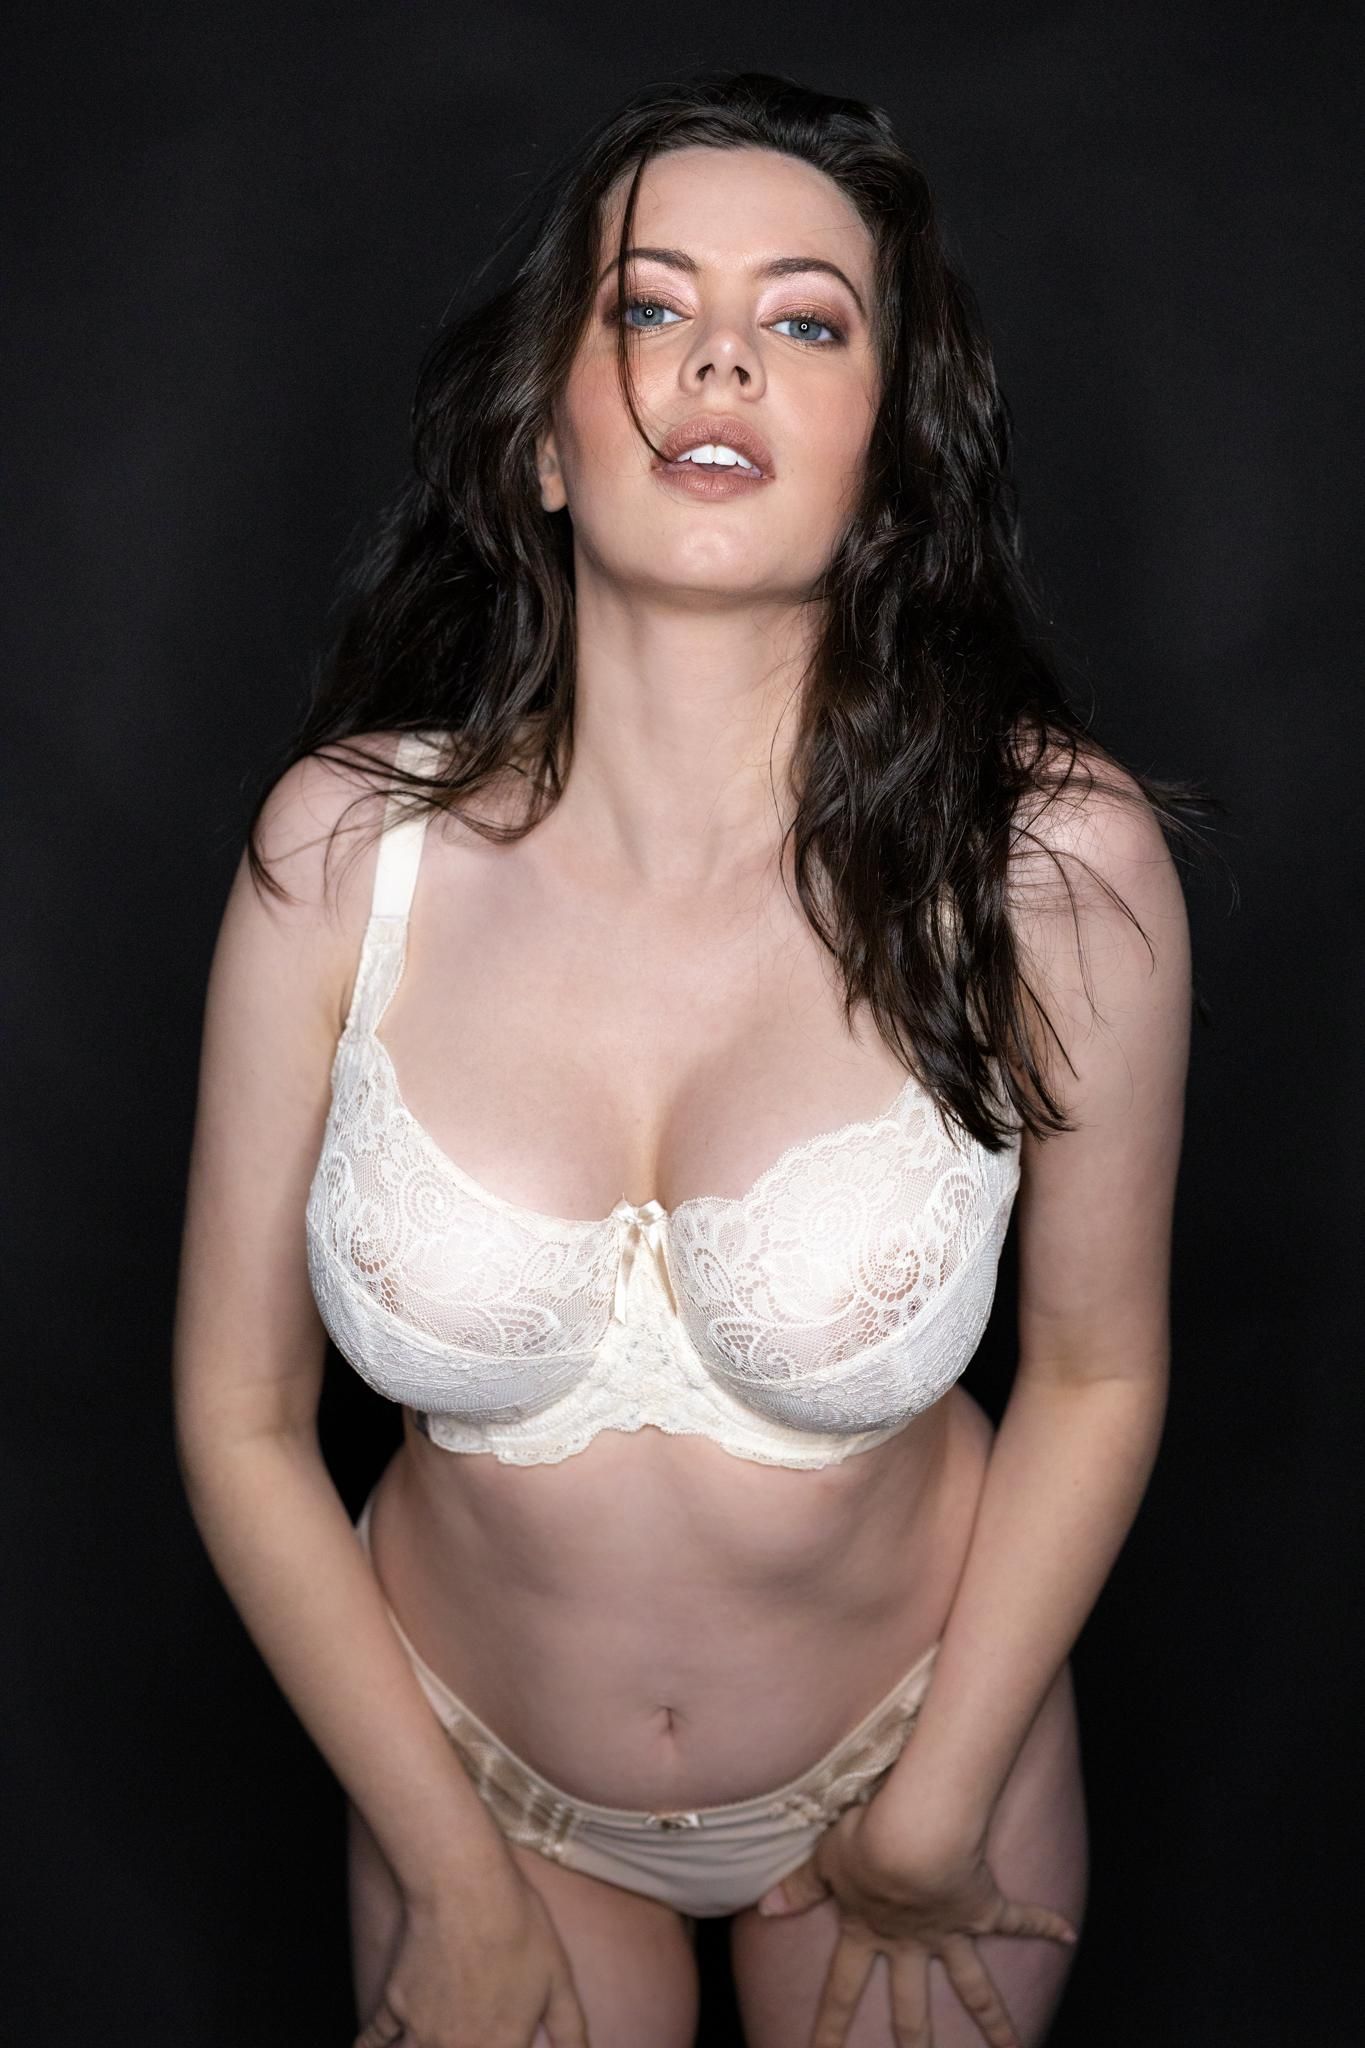 Sam Paige Nude Lingerie Strip Set Leaked 0008